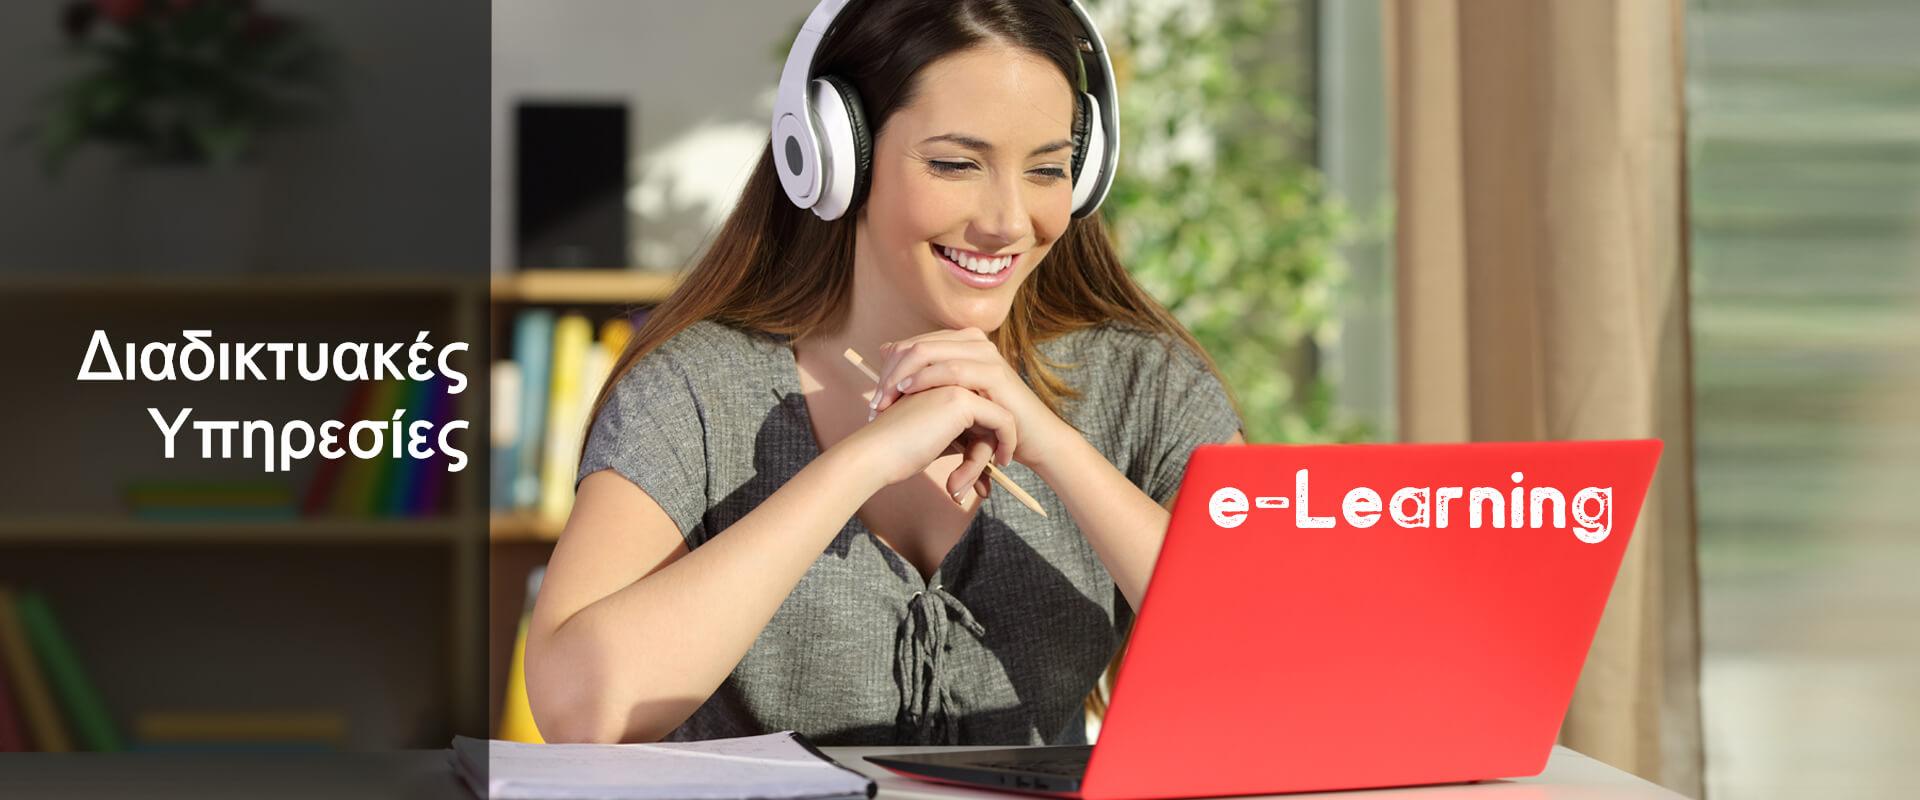 Εν Τάξη - e-Learning